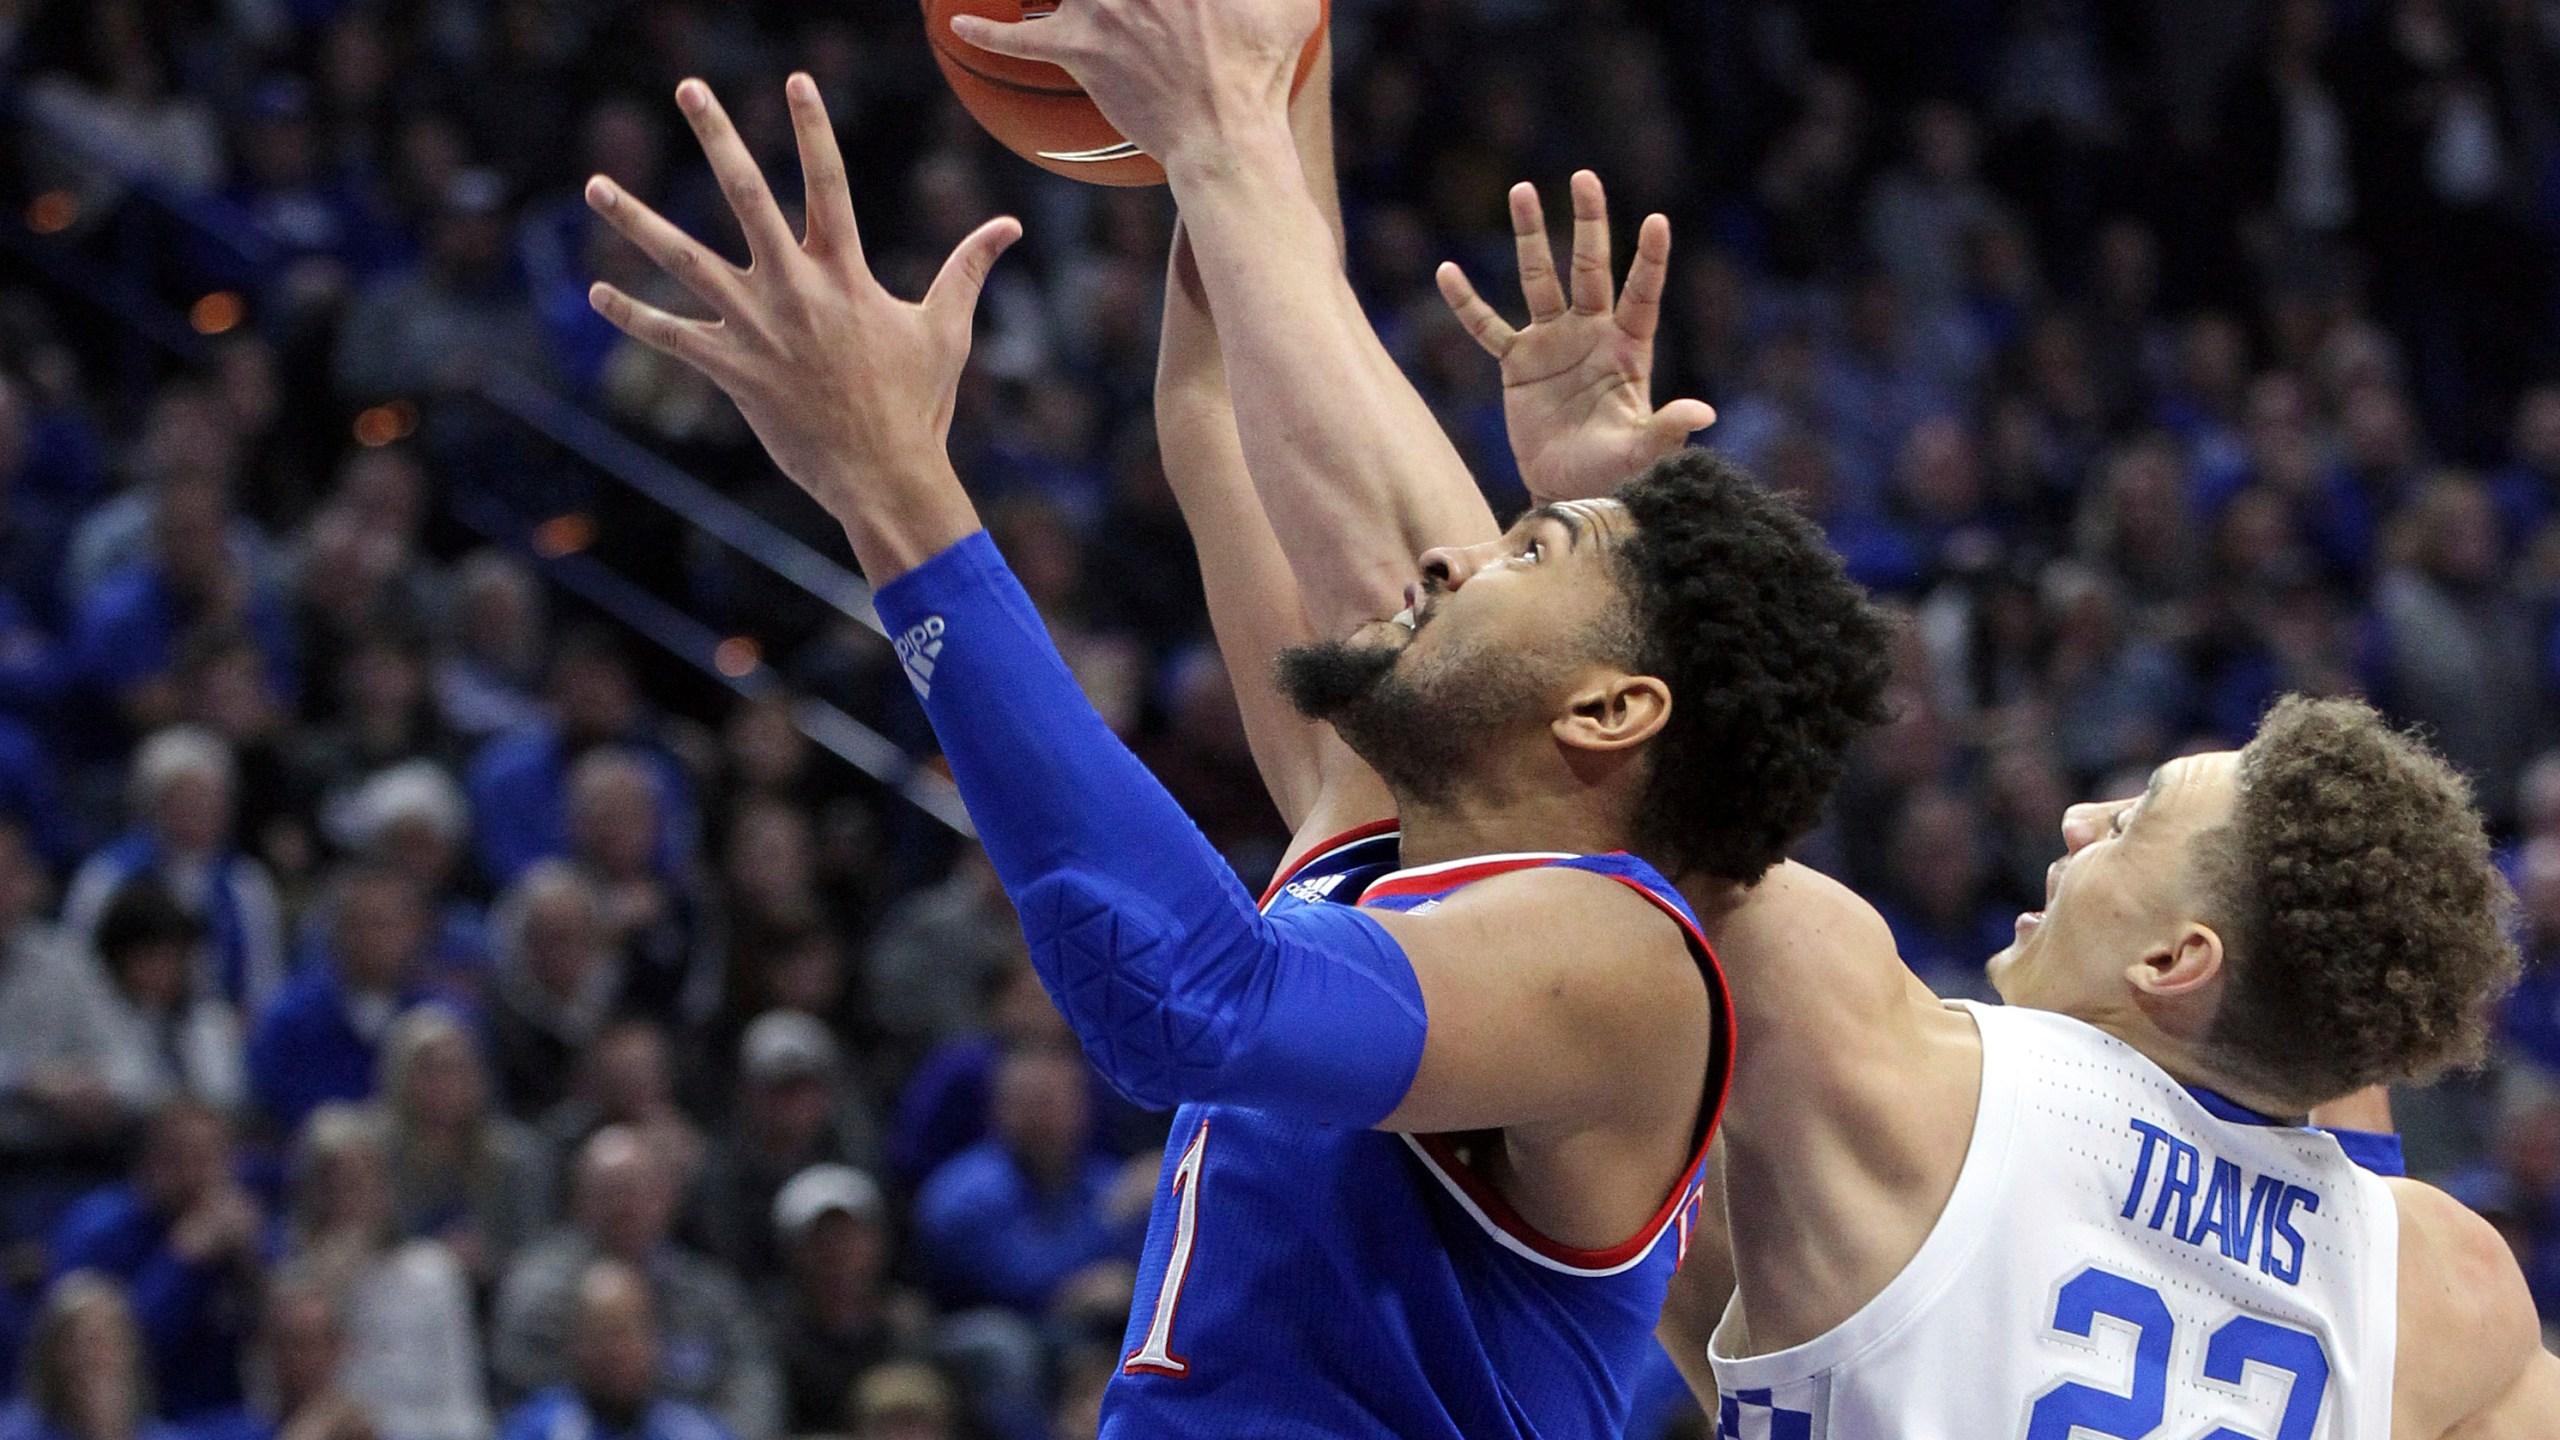 Kansas_Kentucky_Basketball_33516-159532.jpg69243030